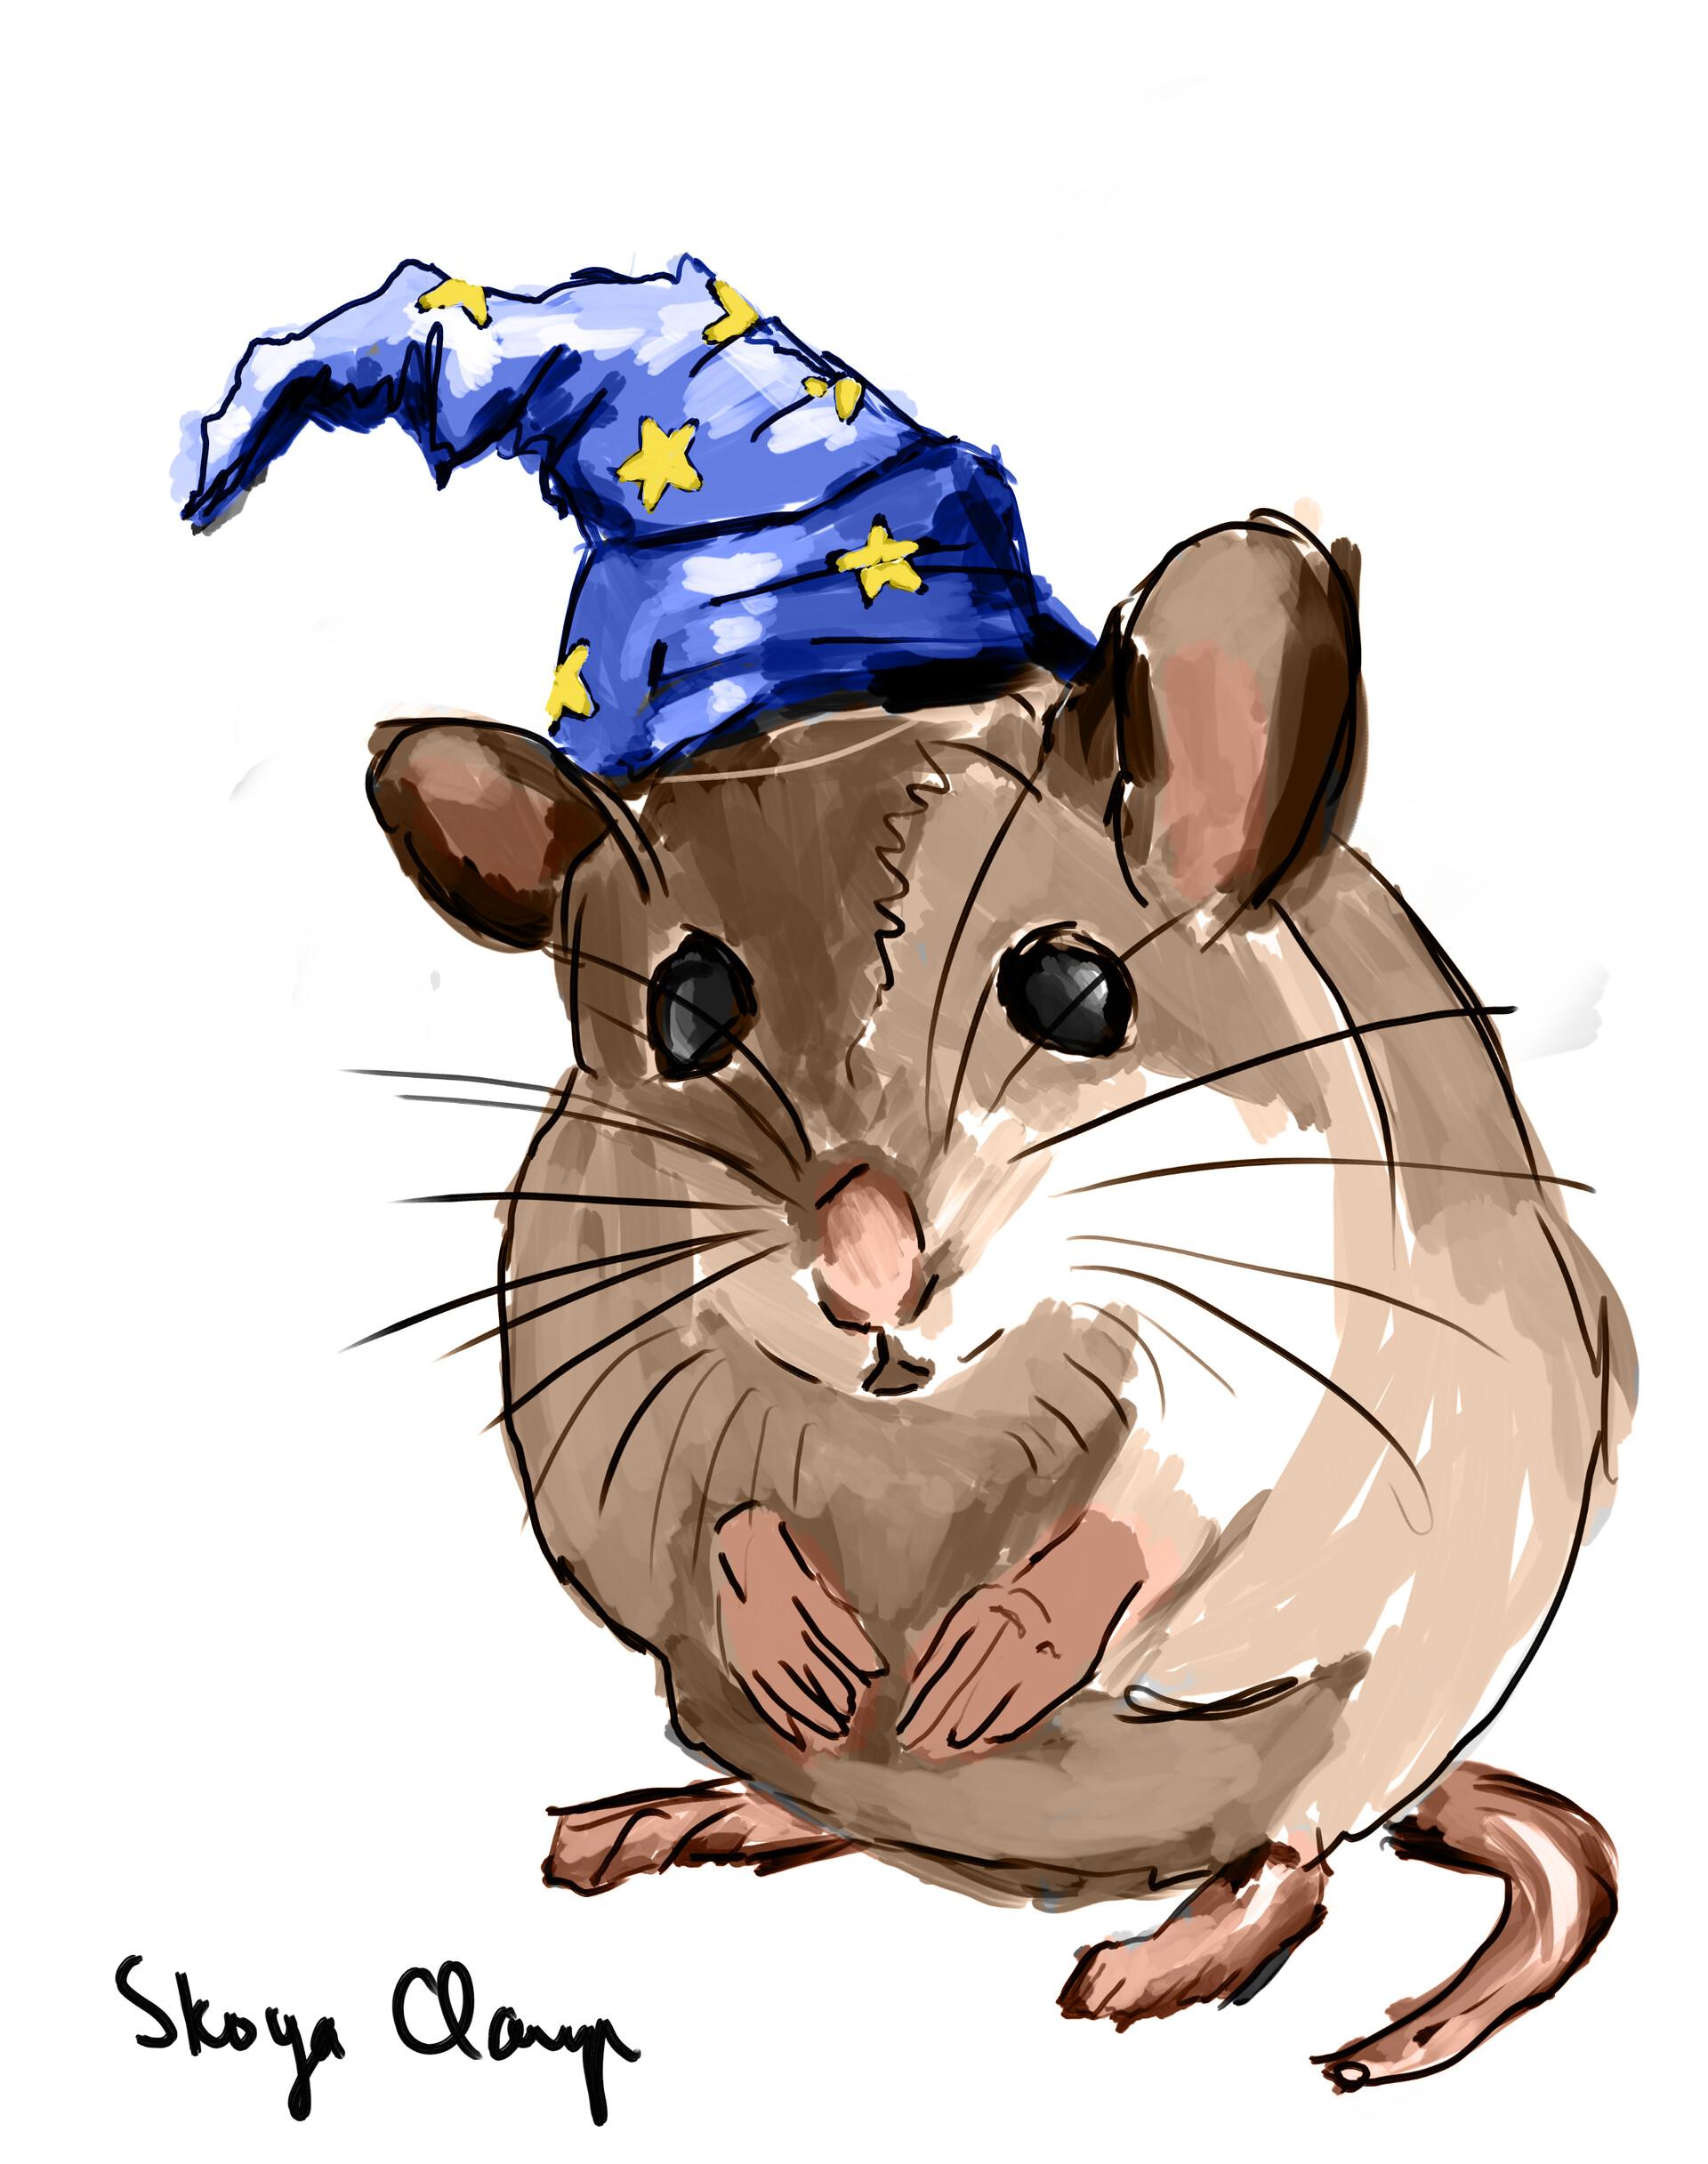 Skoya clayr mouseyfantadia